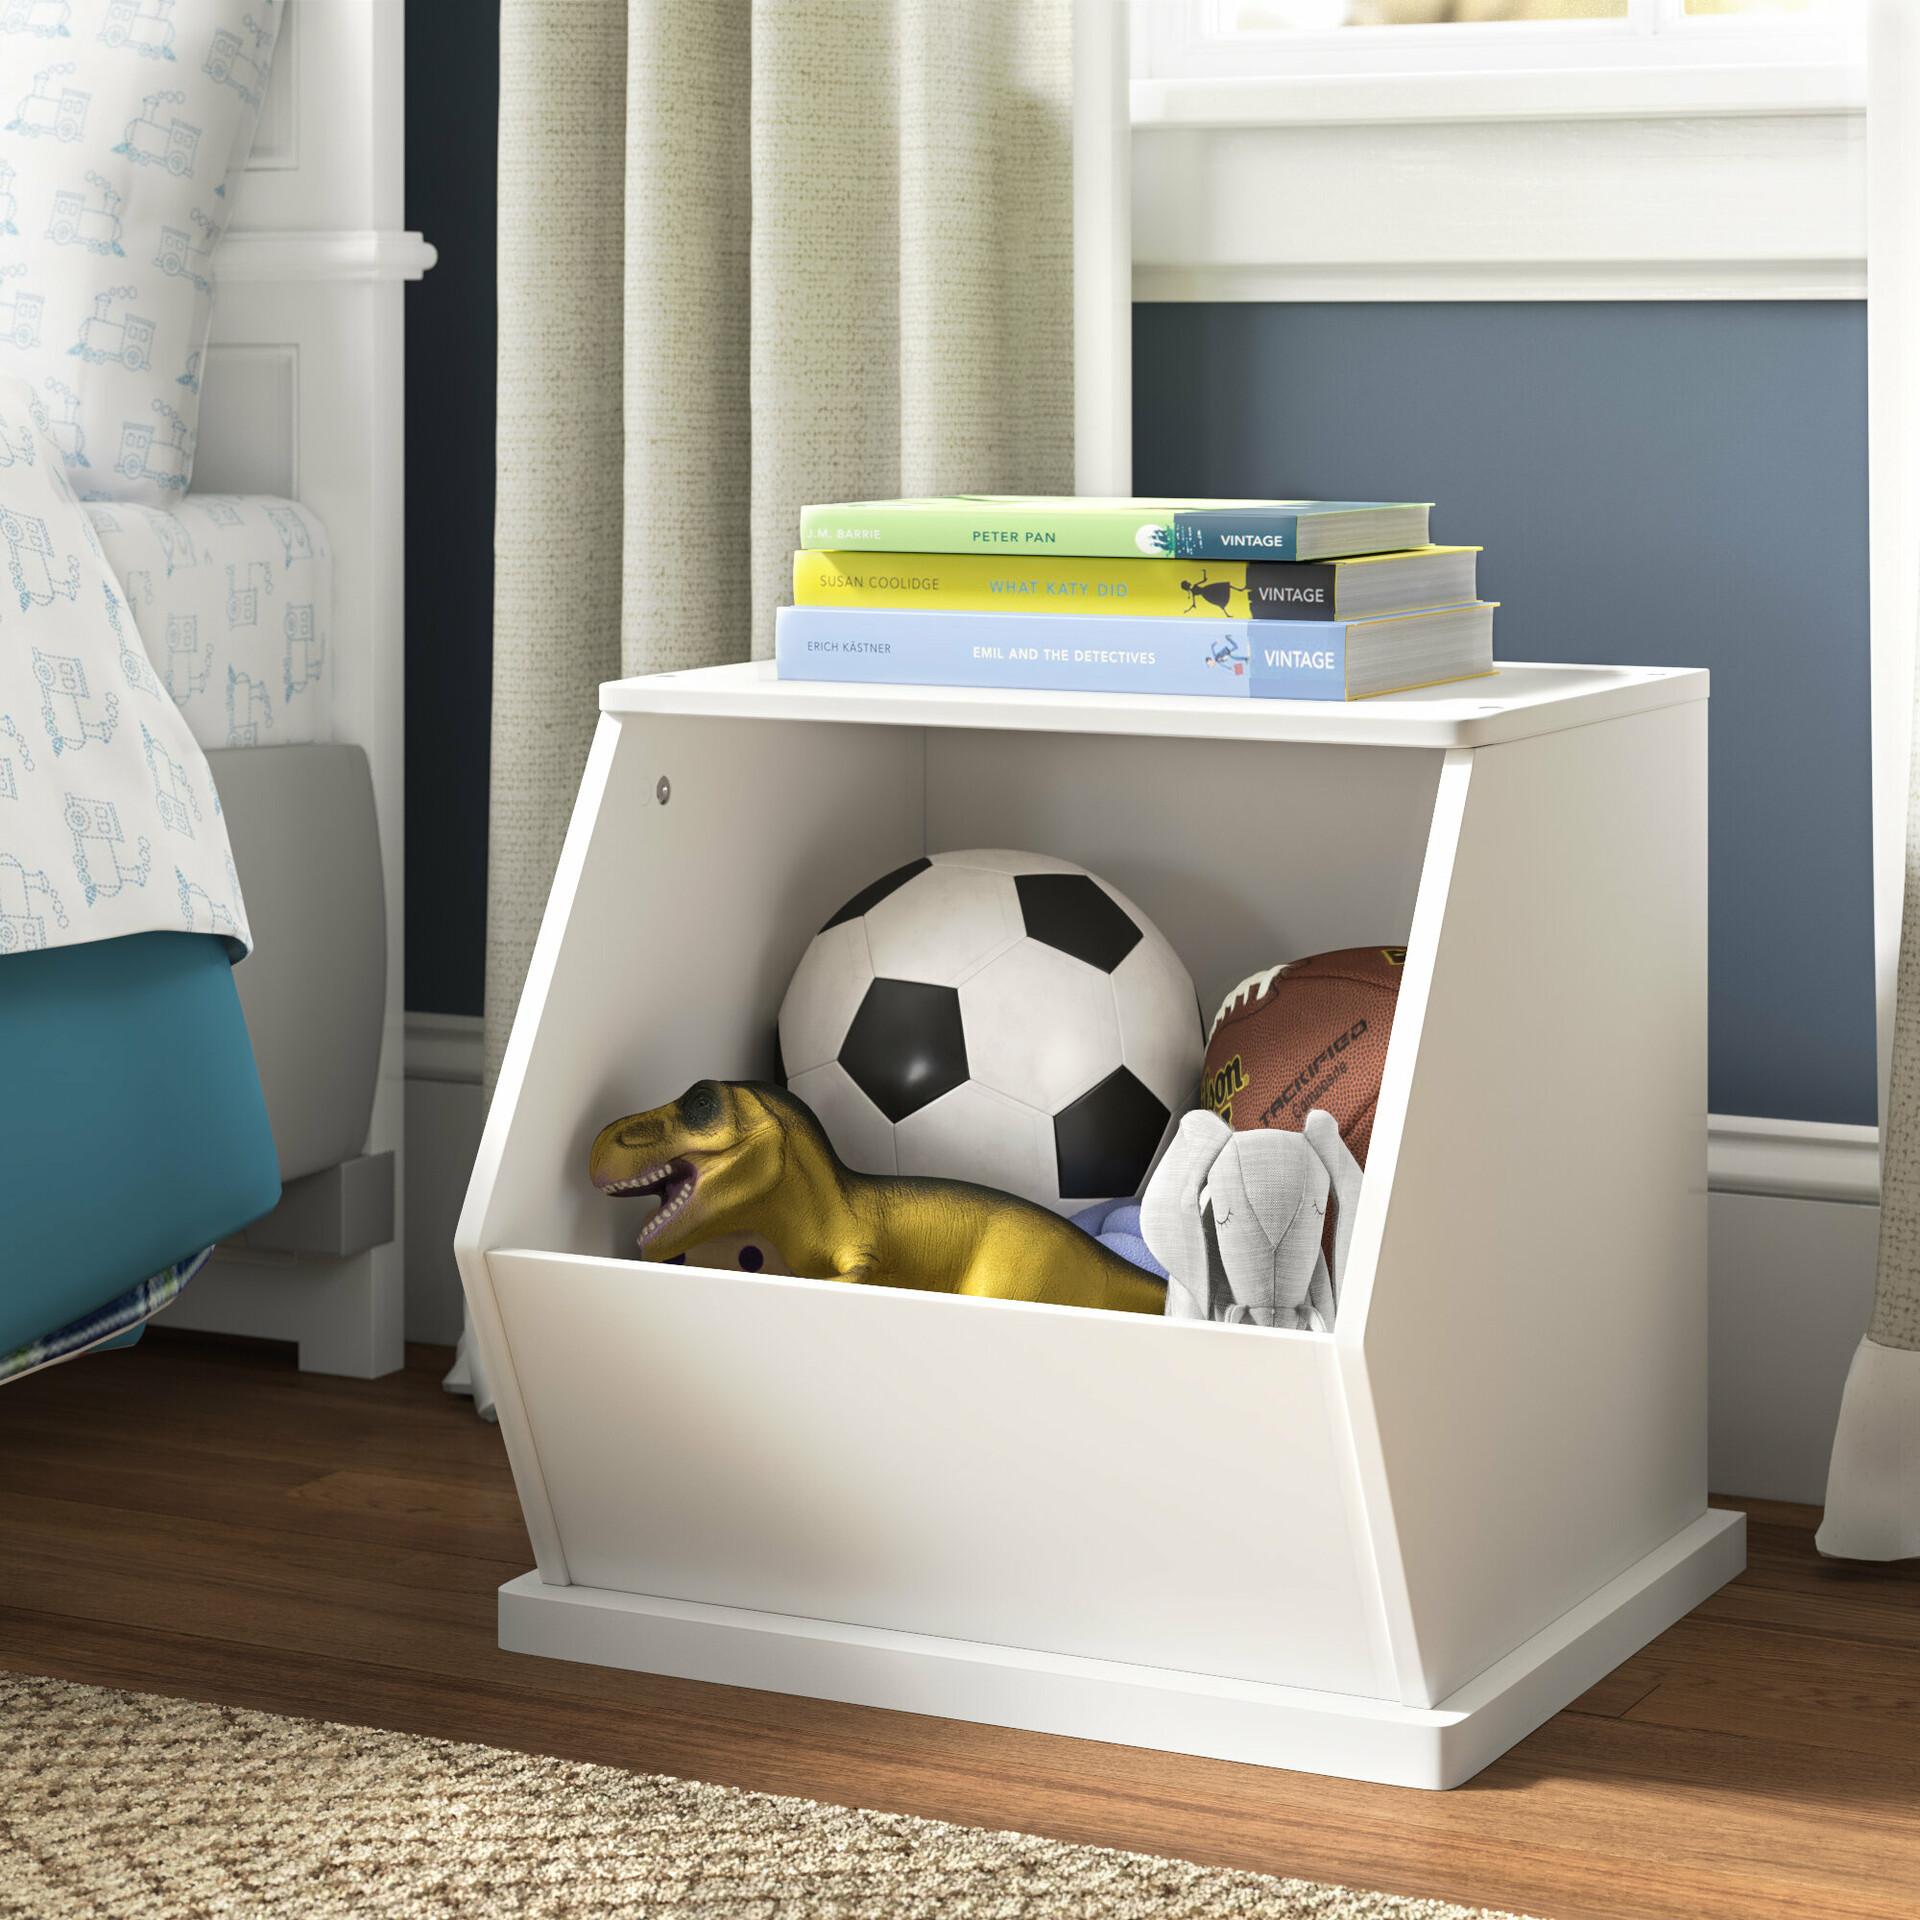 ArtStation - Wayfair: Bedroom Storage, Andrew Willard